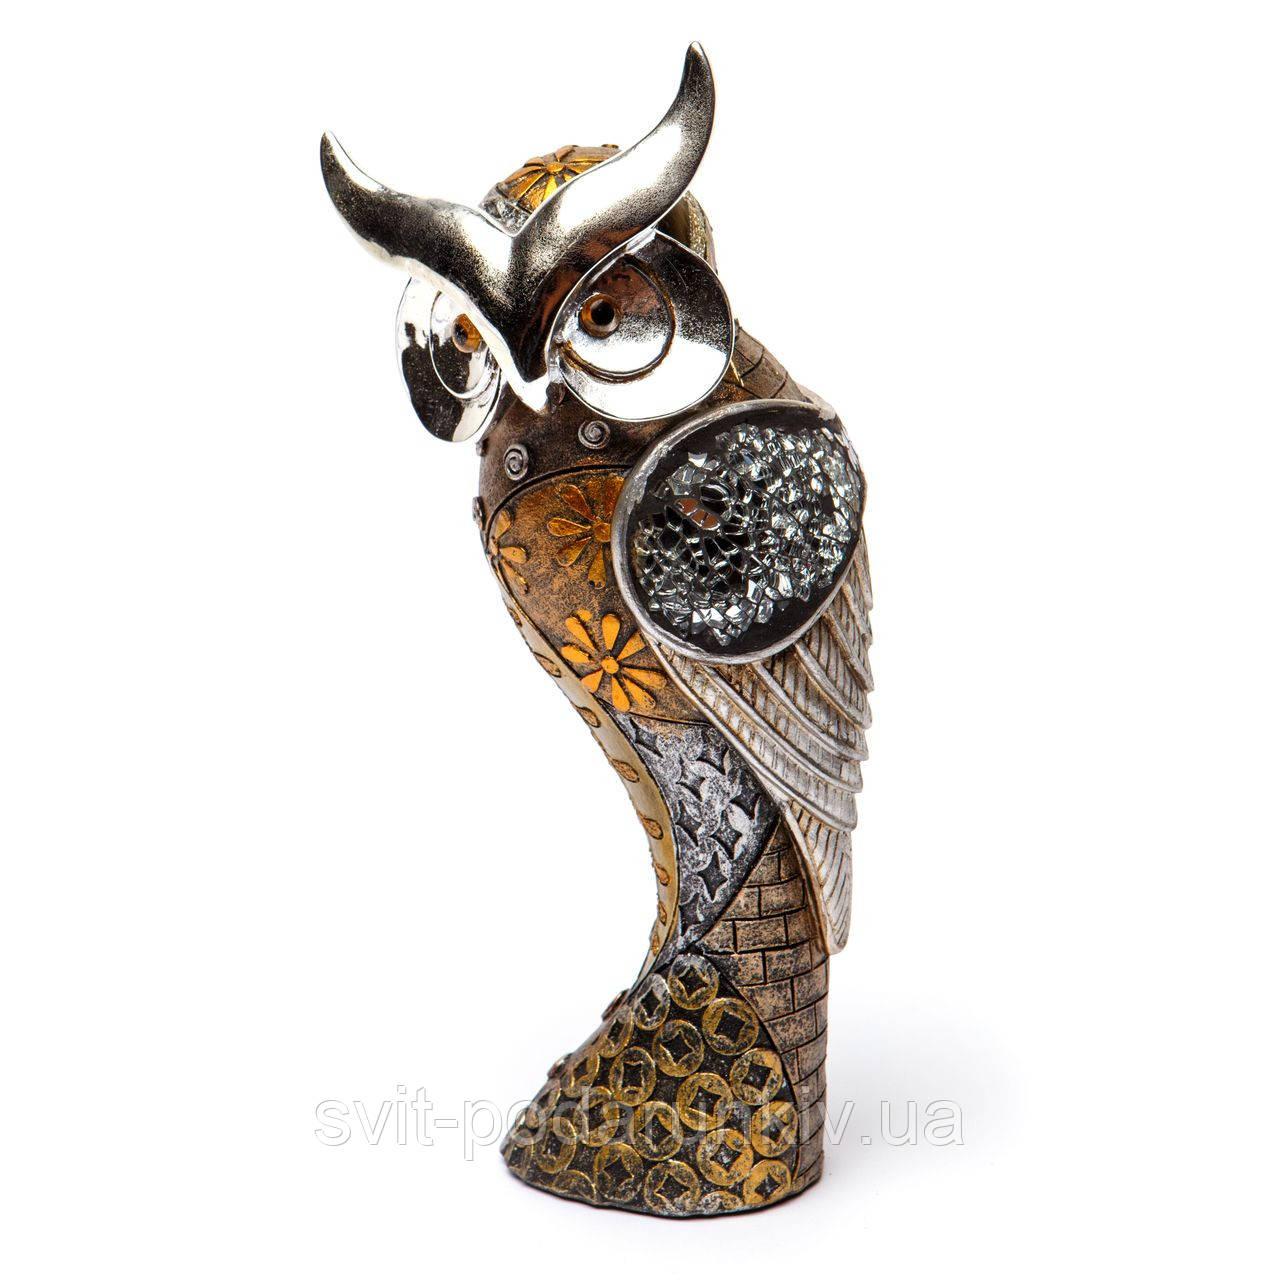 Сувенирная статуэтка сова LHS1139